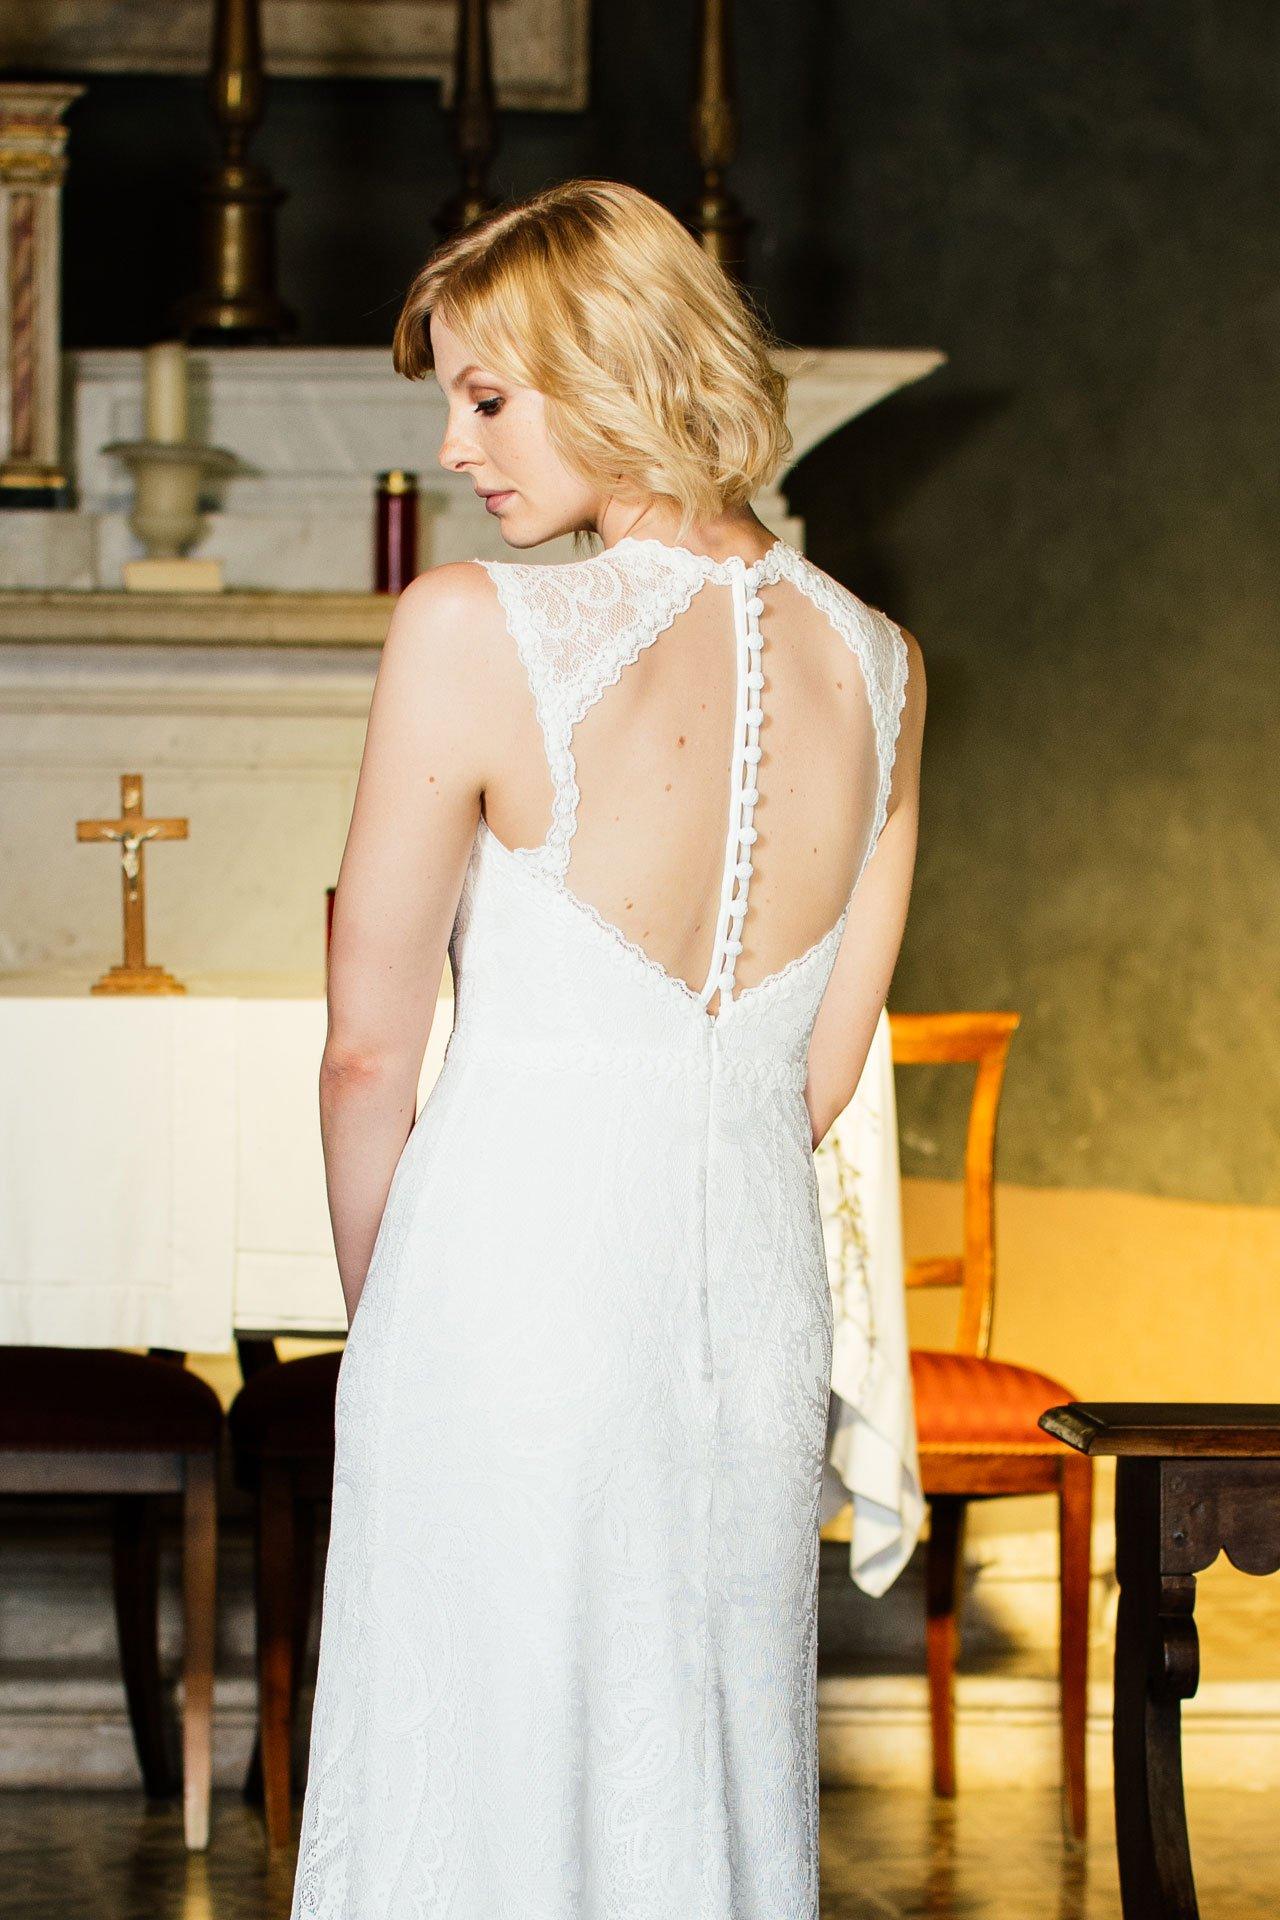 Brautkleid rückenfrei ganz aus der Nähe